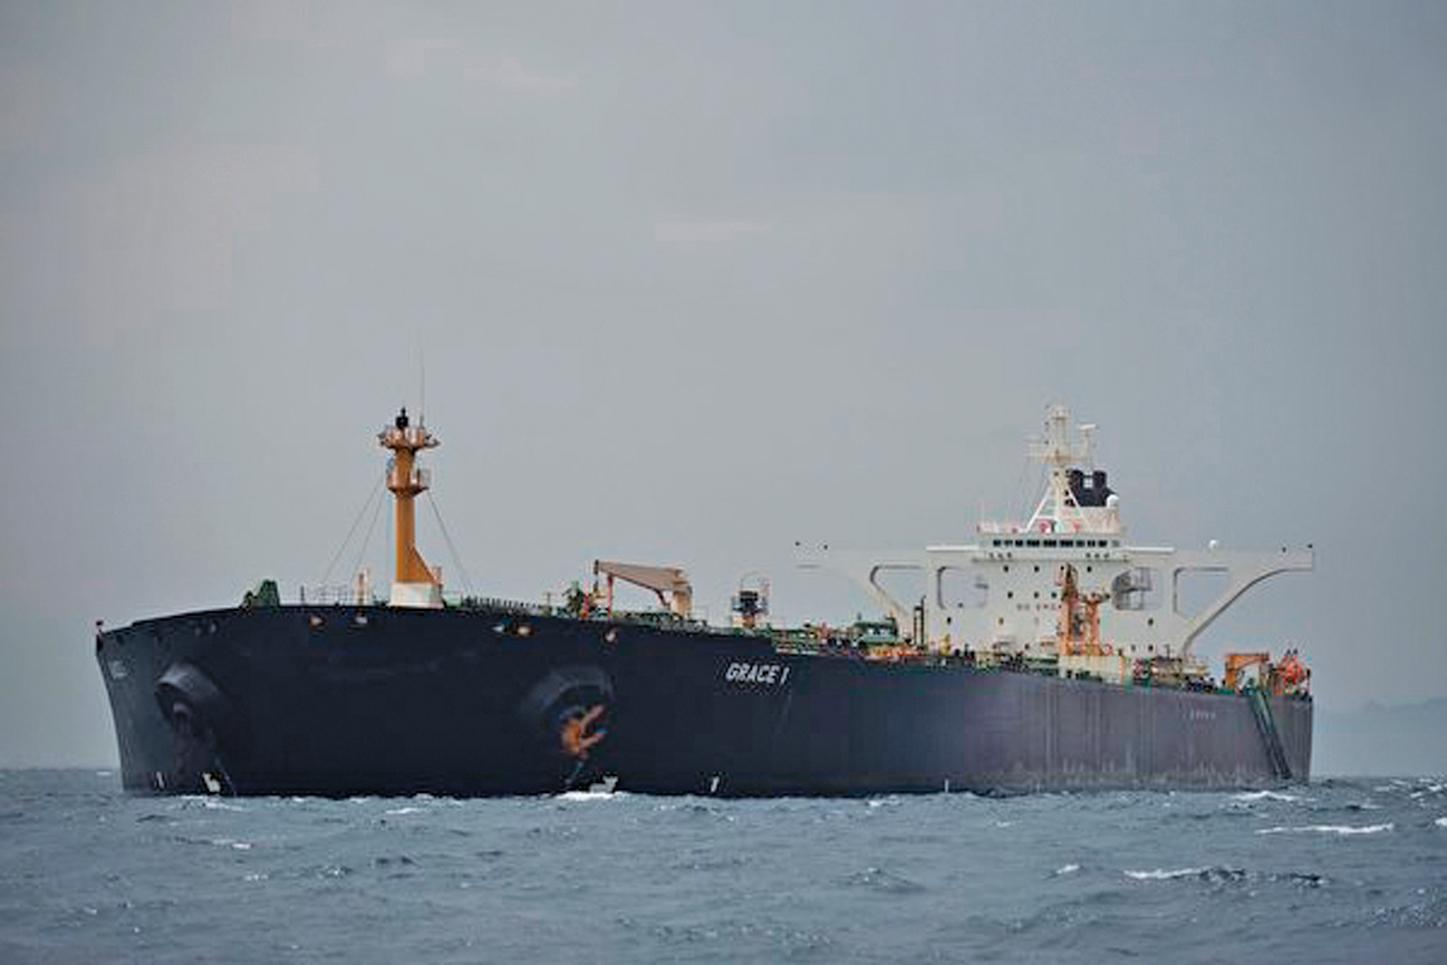 中國珠海振戎公司因持續向伊朗購買石油,美國在7月22日宣佈對其實施制裁。圖為2019年7月6日,停靠在英國海外領土直布羅陀外海的一艘油輪。(JORGE GUERRERO/AFP/Getty Images)